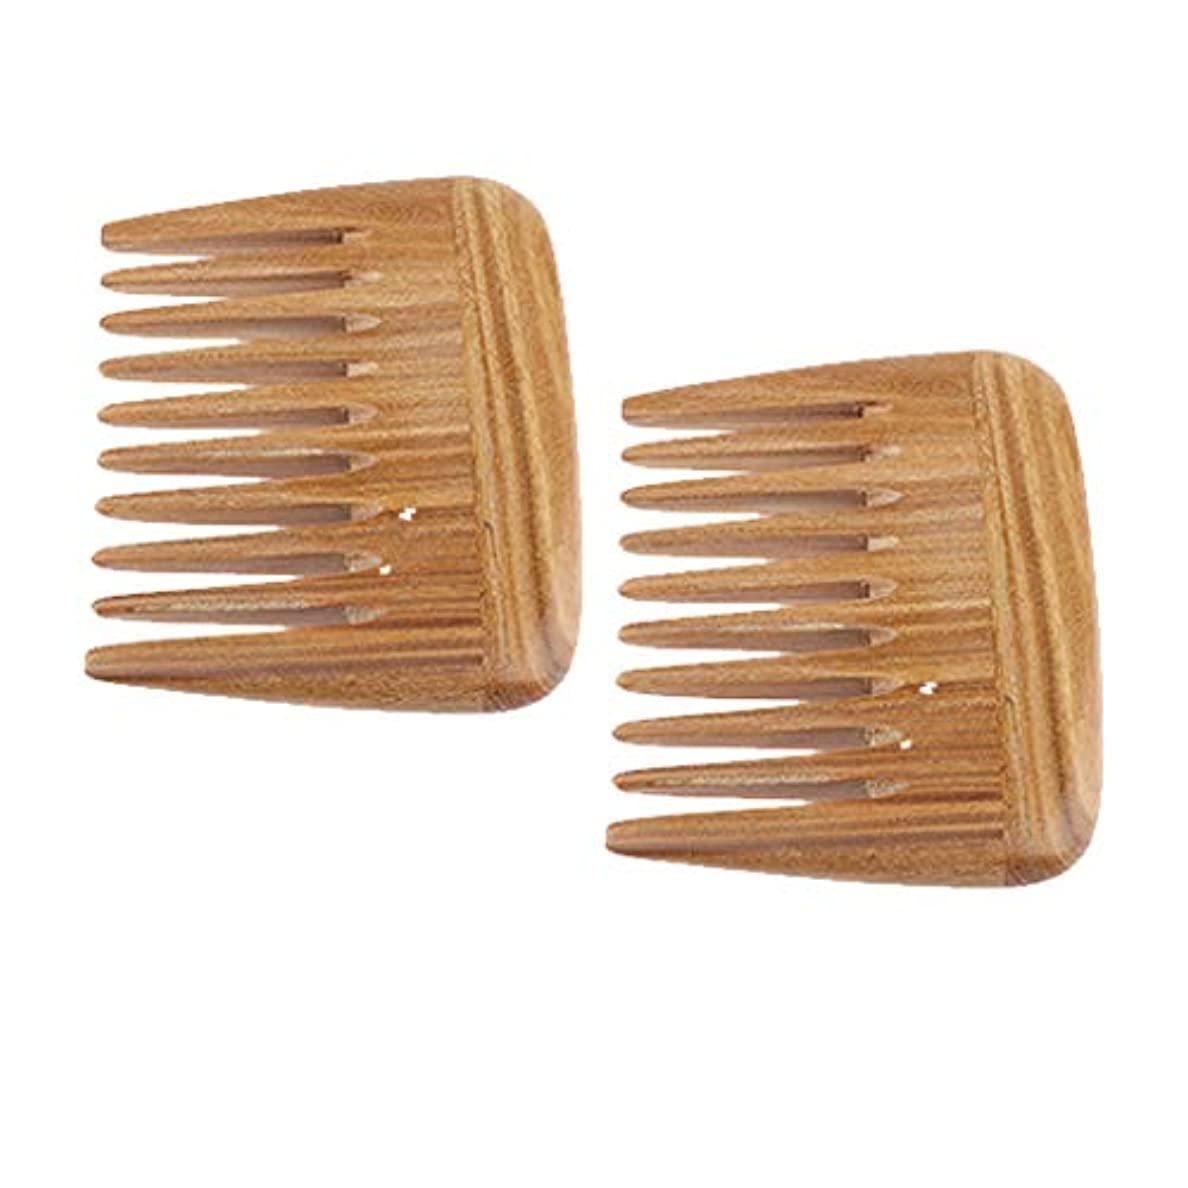 パースブラックボロウ誠意アジテーションCUTICATE レトロポケットブラシ 静電気 防止天然マッサージ広い歯 髪の櫛 2個入り